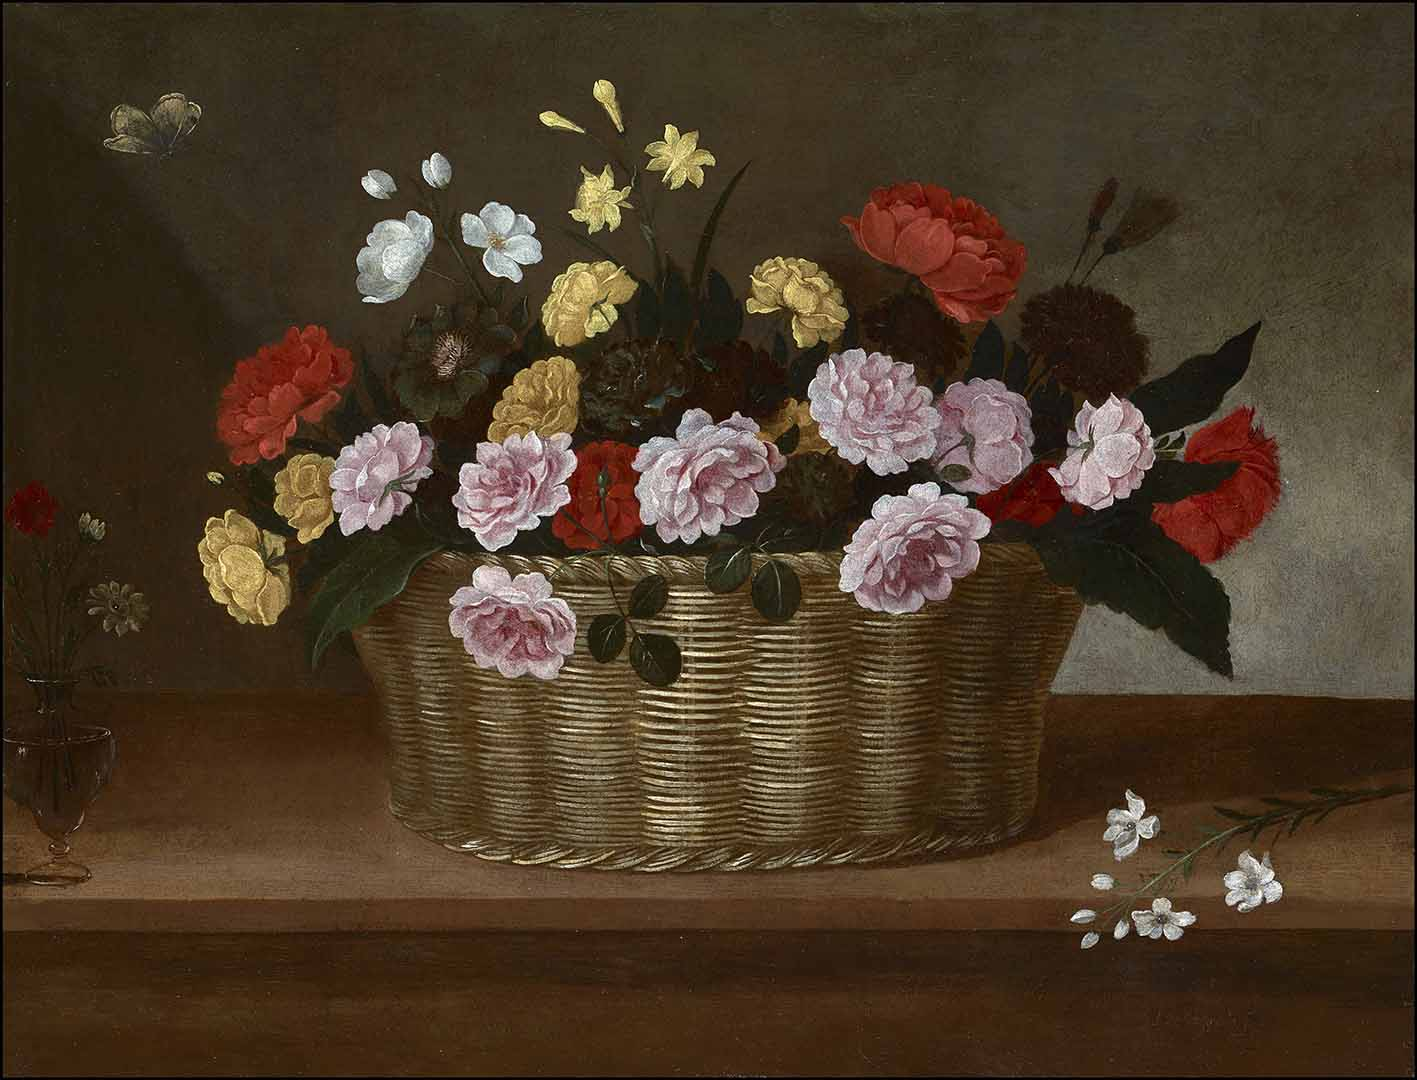 Catalogo Cesta con rosas amarillas y rosas peonias y narciso, una rama de nardo y una copa de vidrio con rosas Pedro de Camprobin Galeria Caylus